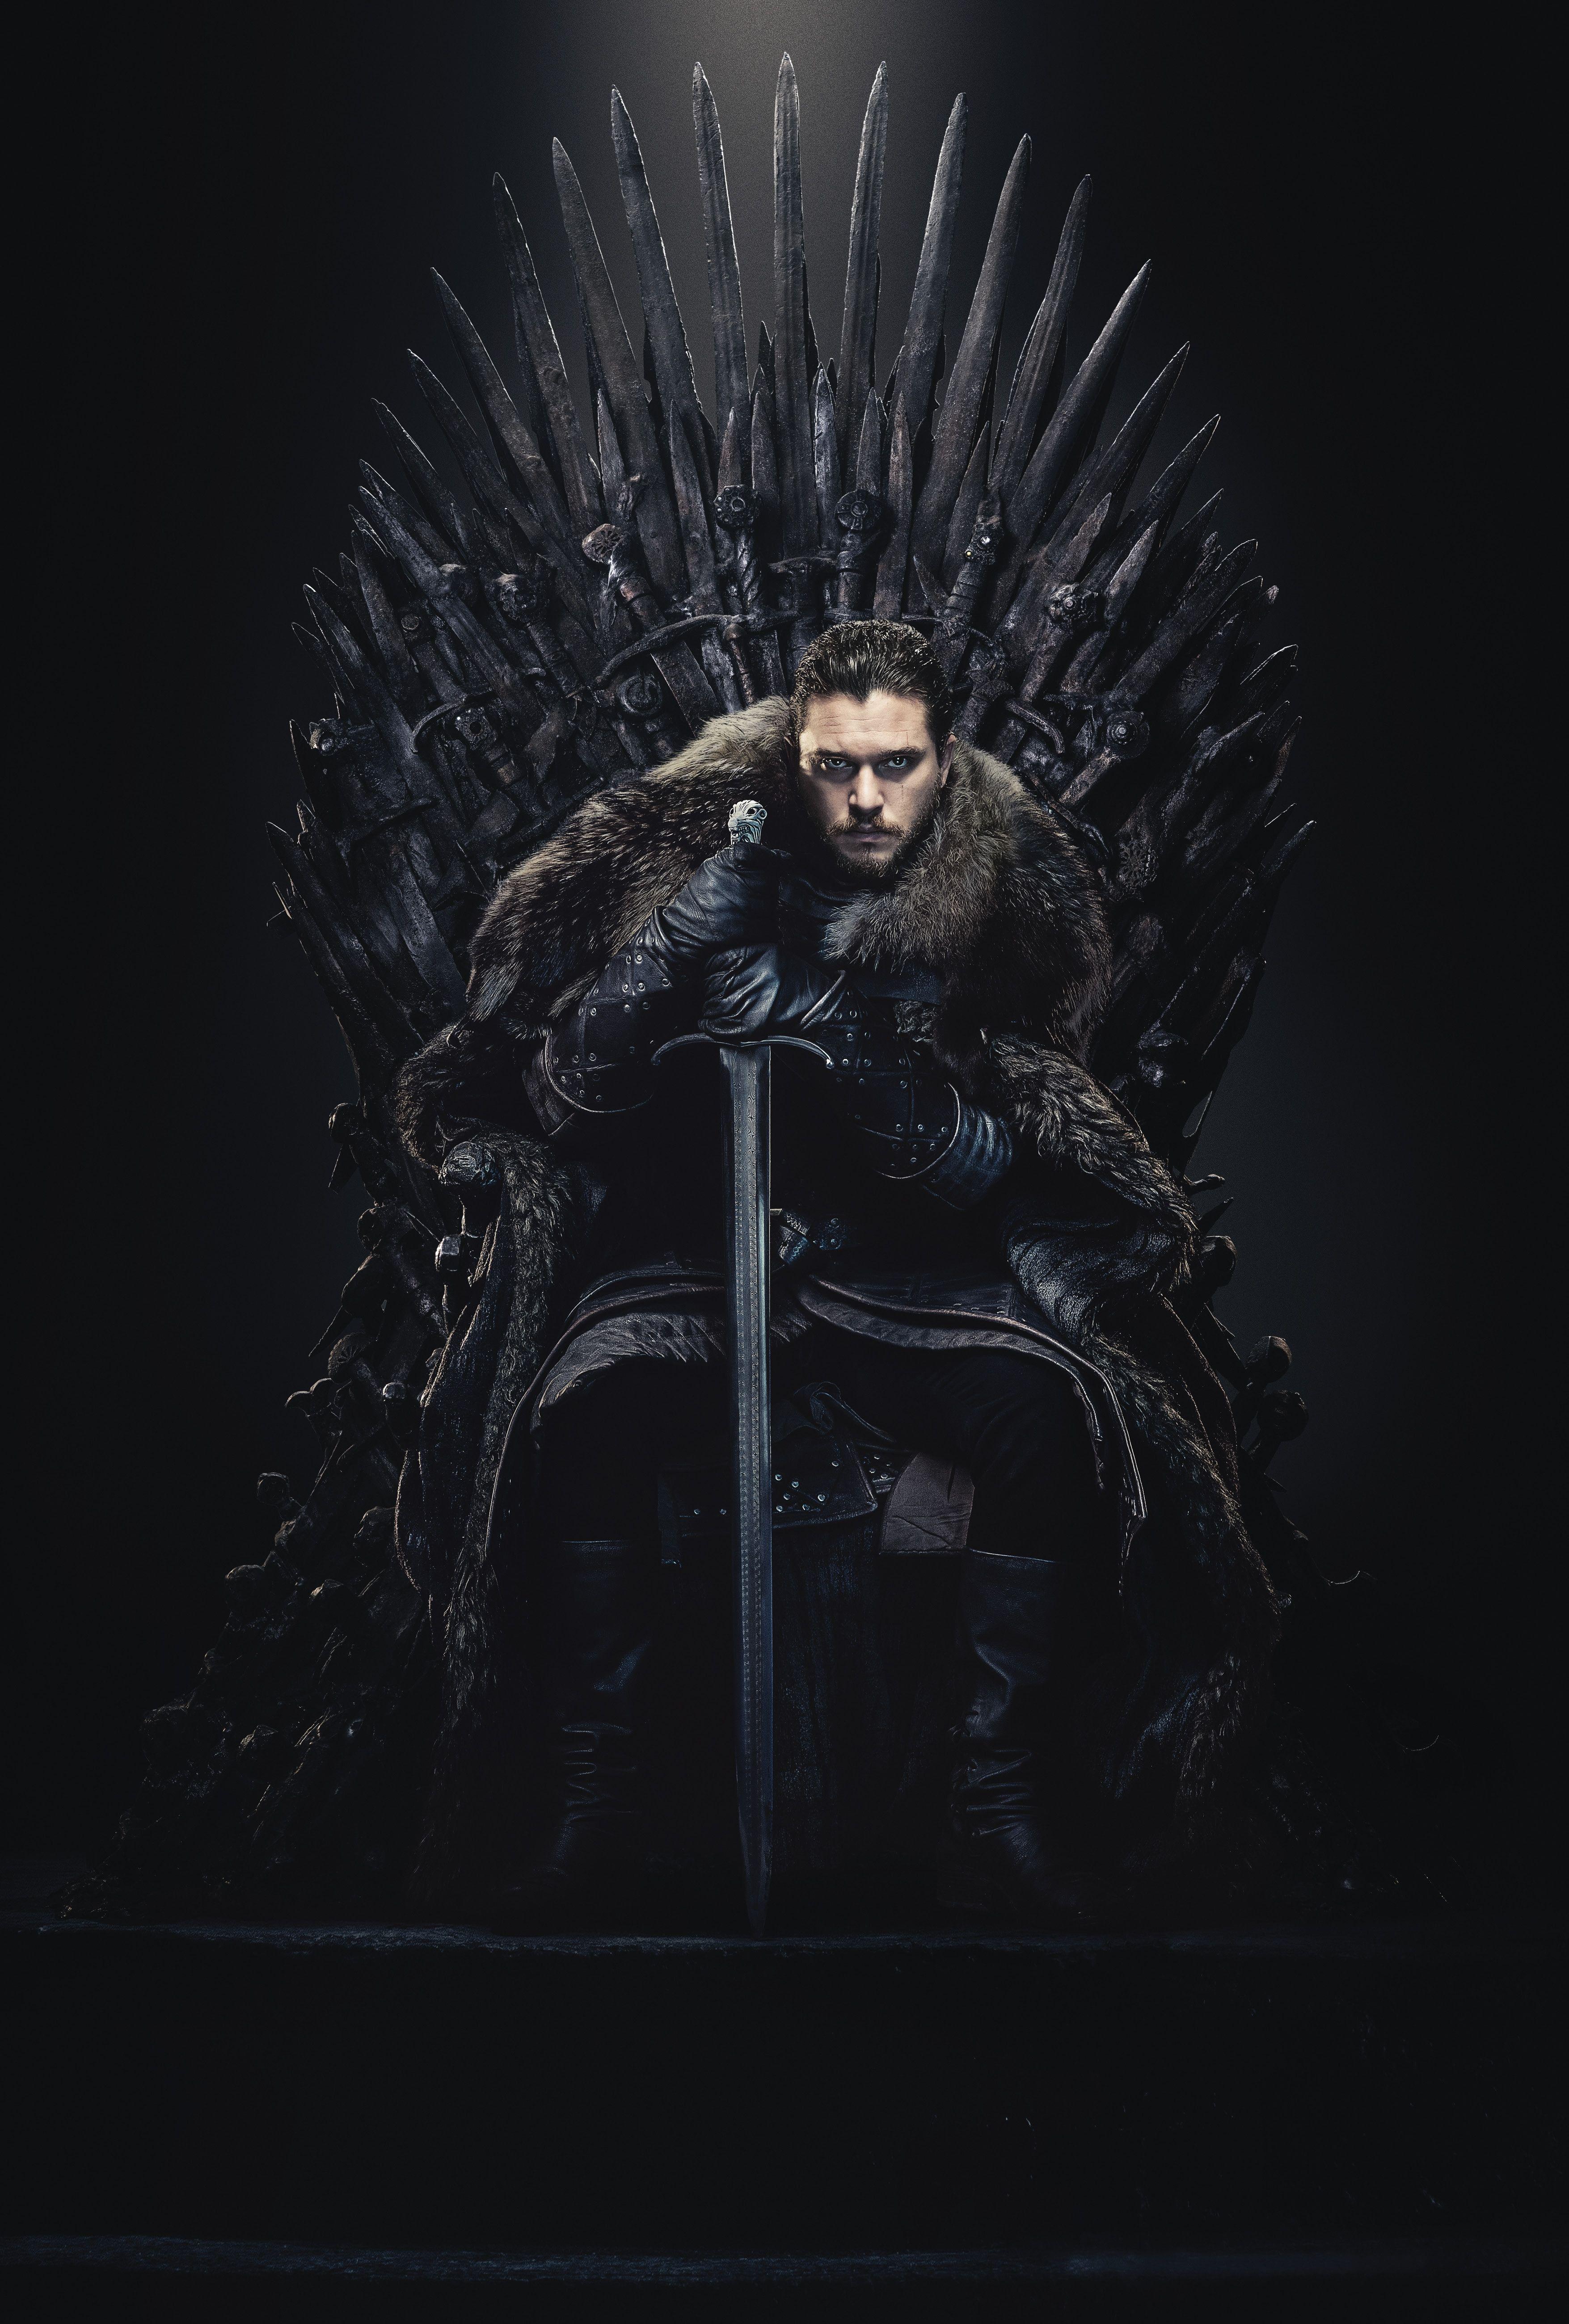 Jon Snow Art King Jon Snow Jon Snow Jon snow game of thrones wallpaper